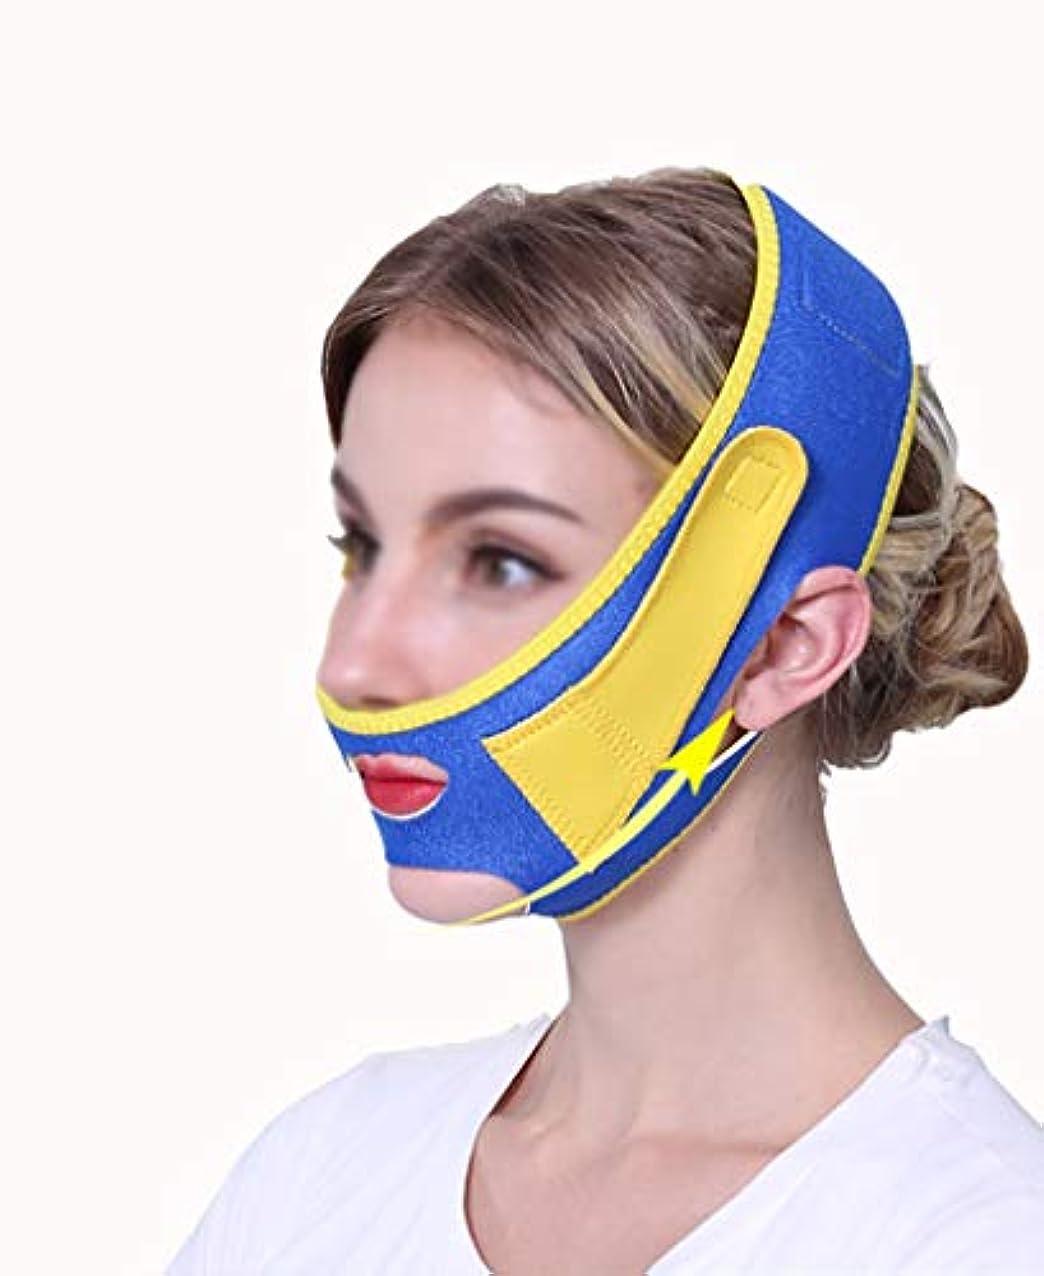 模倣マネージャー日の出フェイスリフトマスク、あごストラップ回復包帯シンフェイスマスクVフェイスステッカーフェイスリフトステッカー韓国本物のリフティング引き締めリフト整形薄型ダブルあごフェイスリフト睡眠包帯アーティファクト